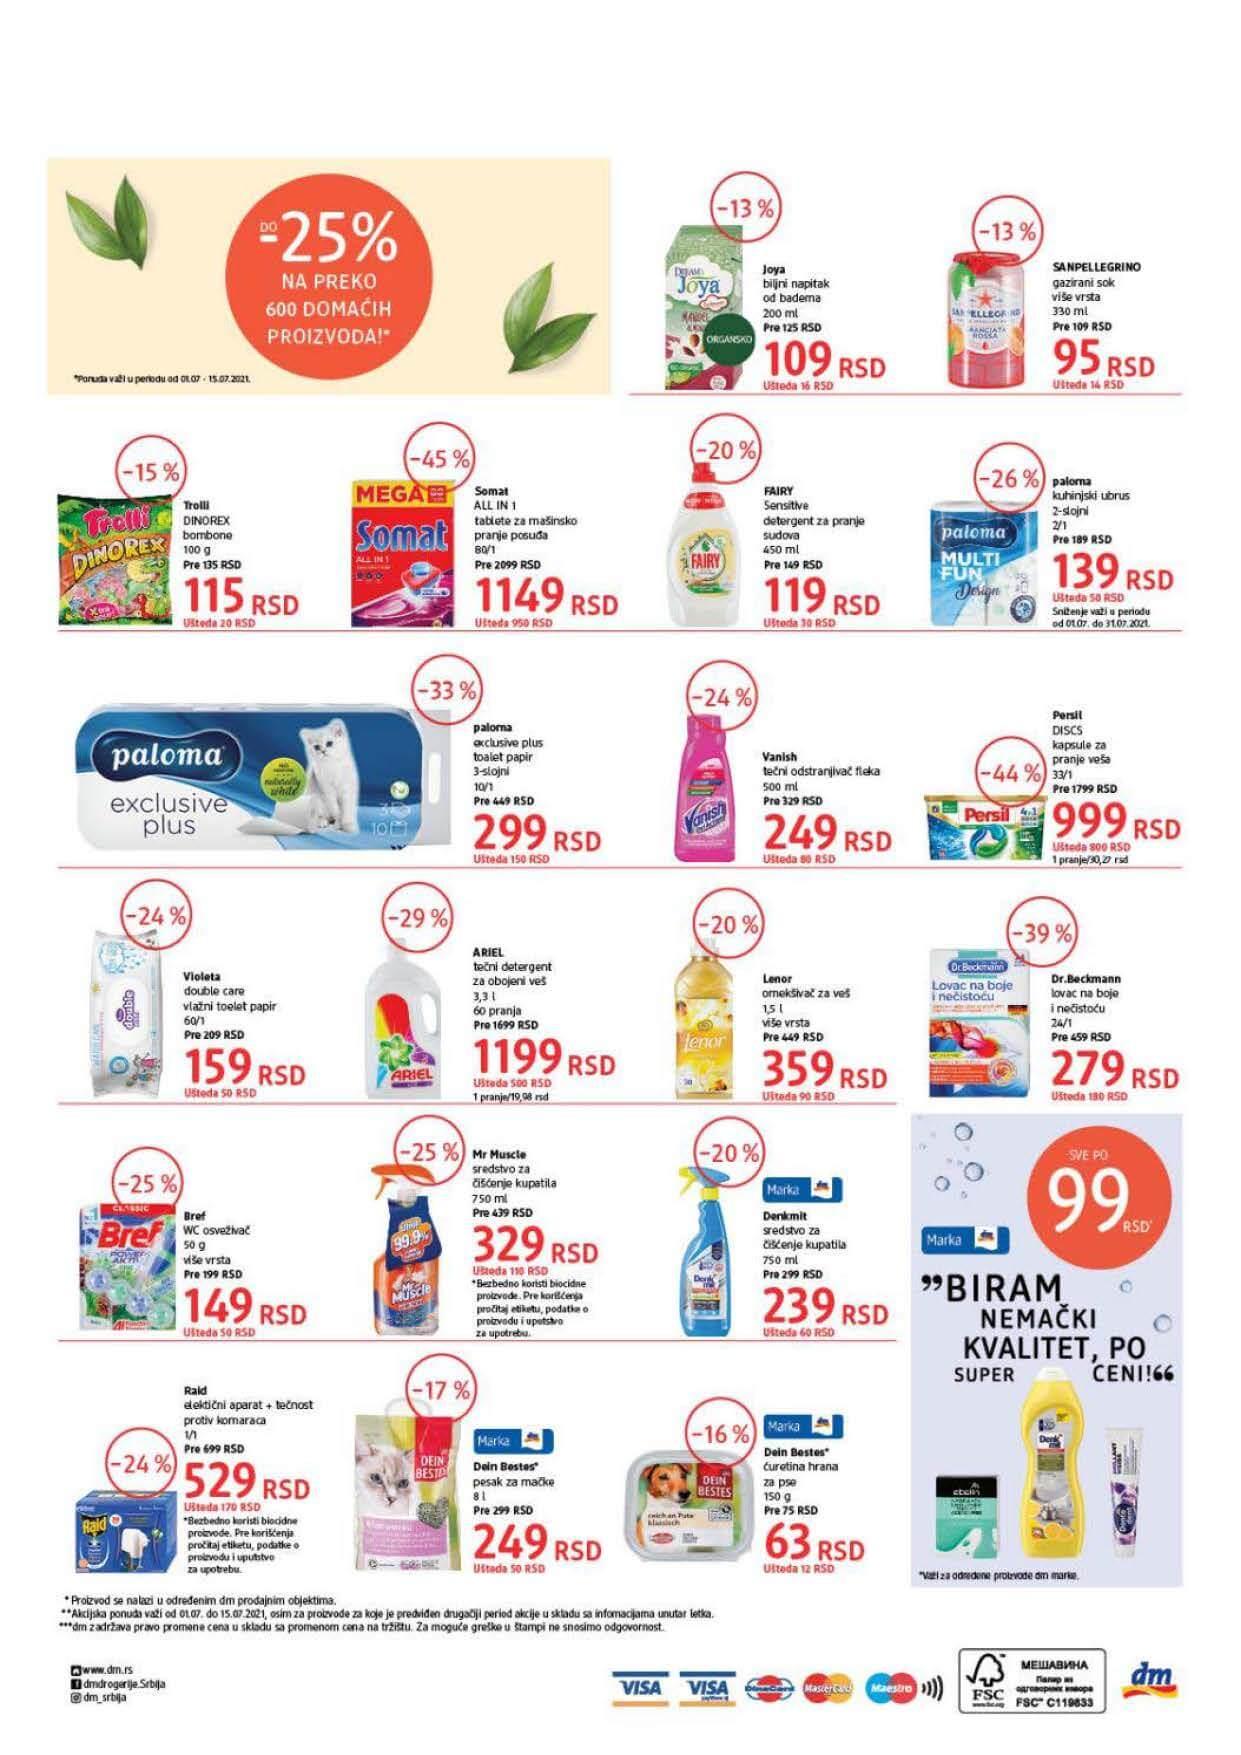 DM Katalog Srbija Super cene Super Ponuda JUL 2021 01.07. 15.07.2021. Page 8